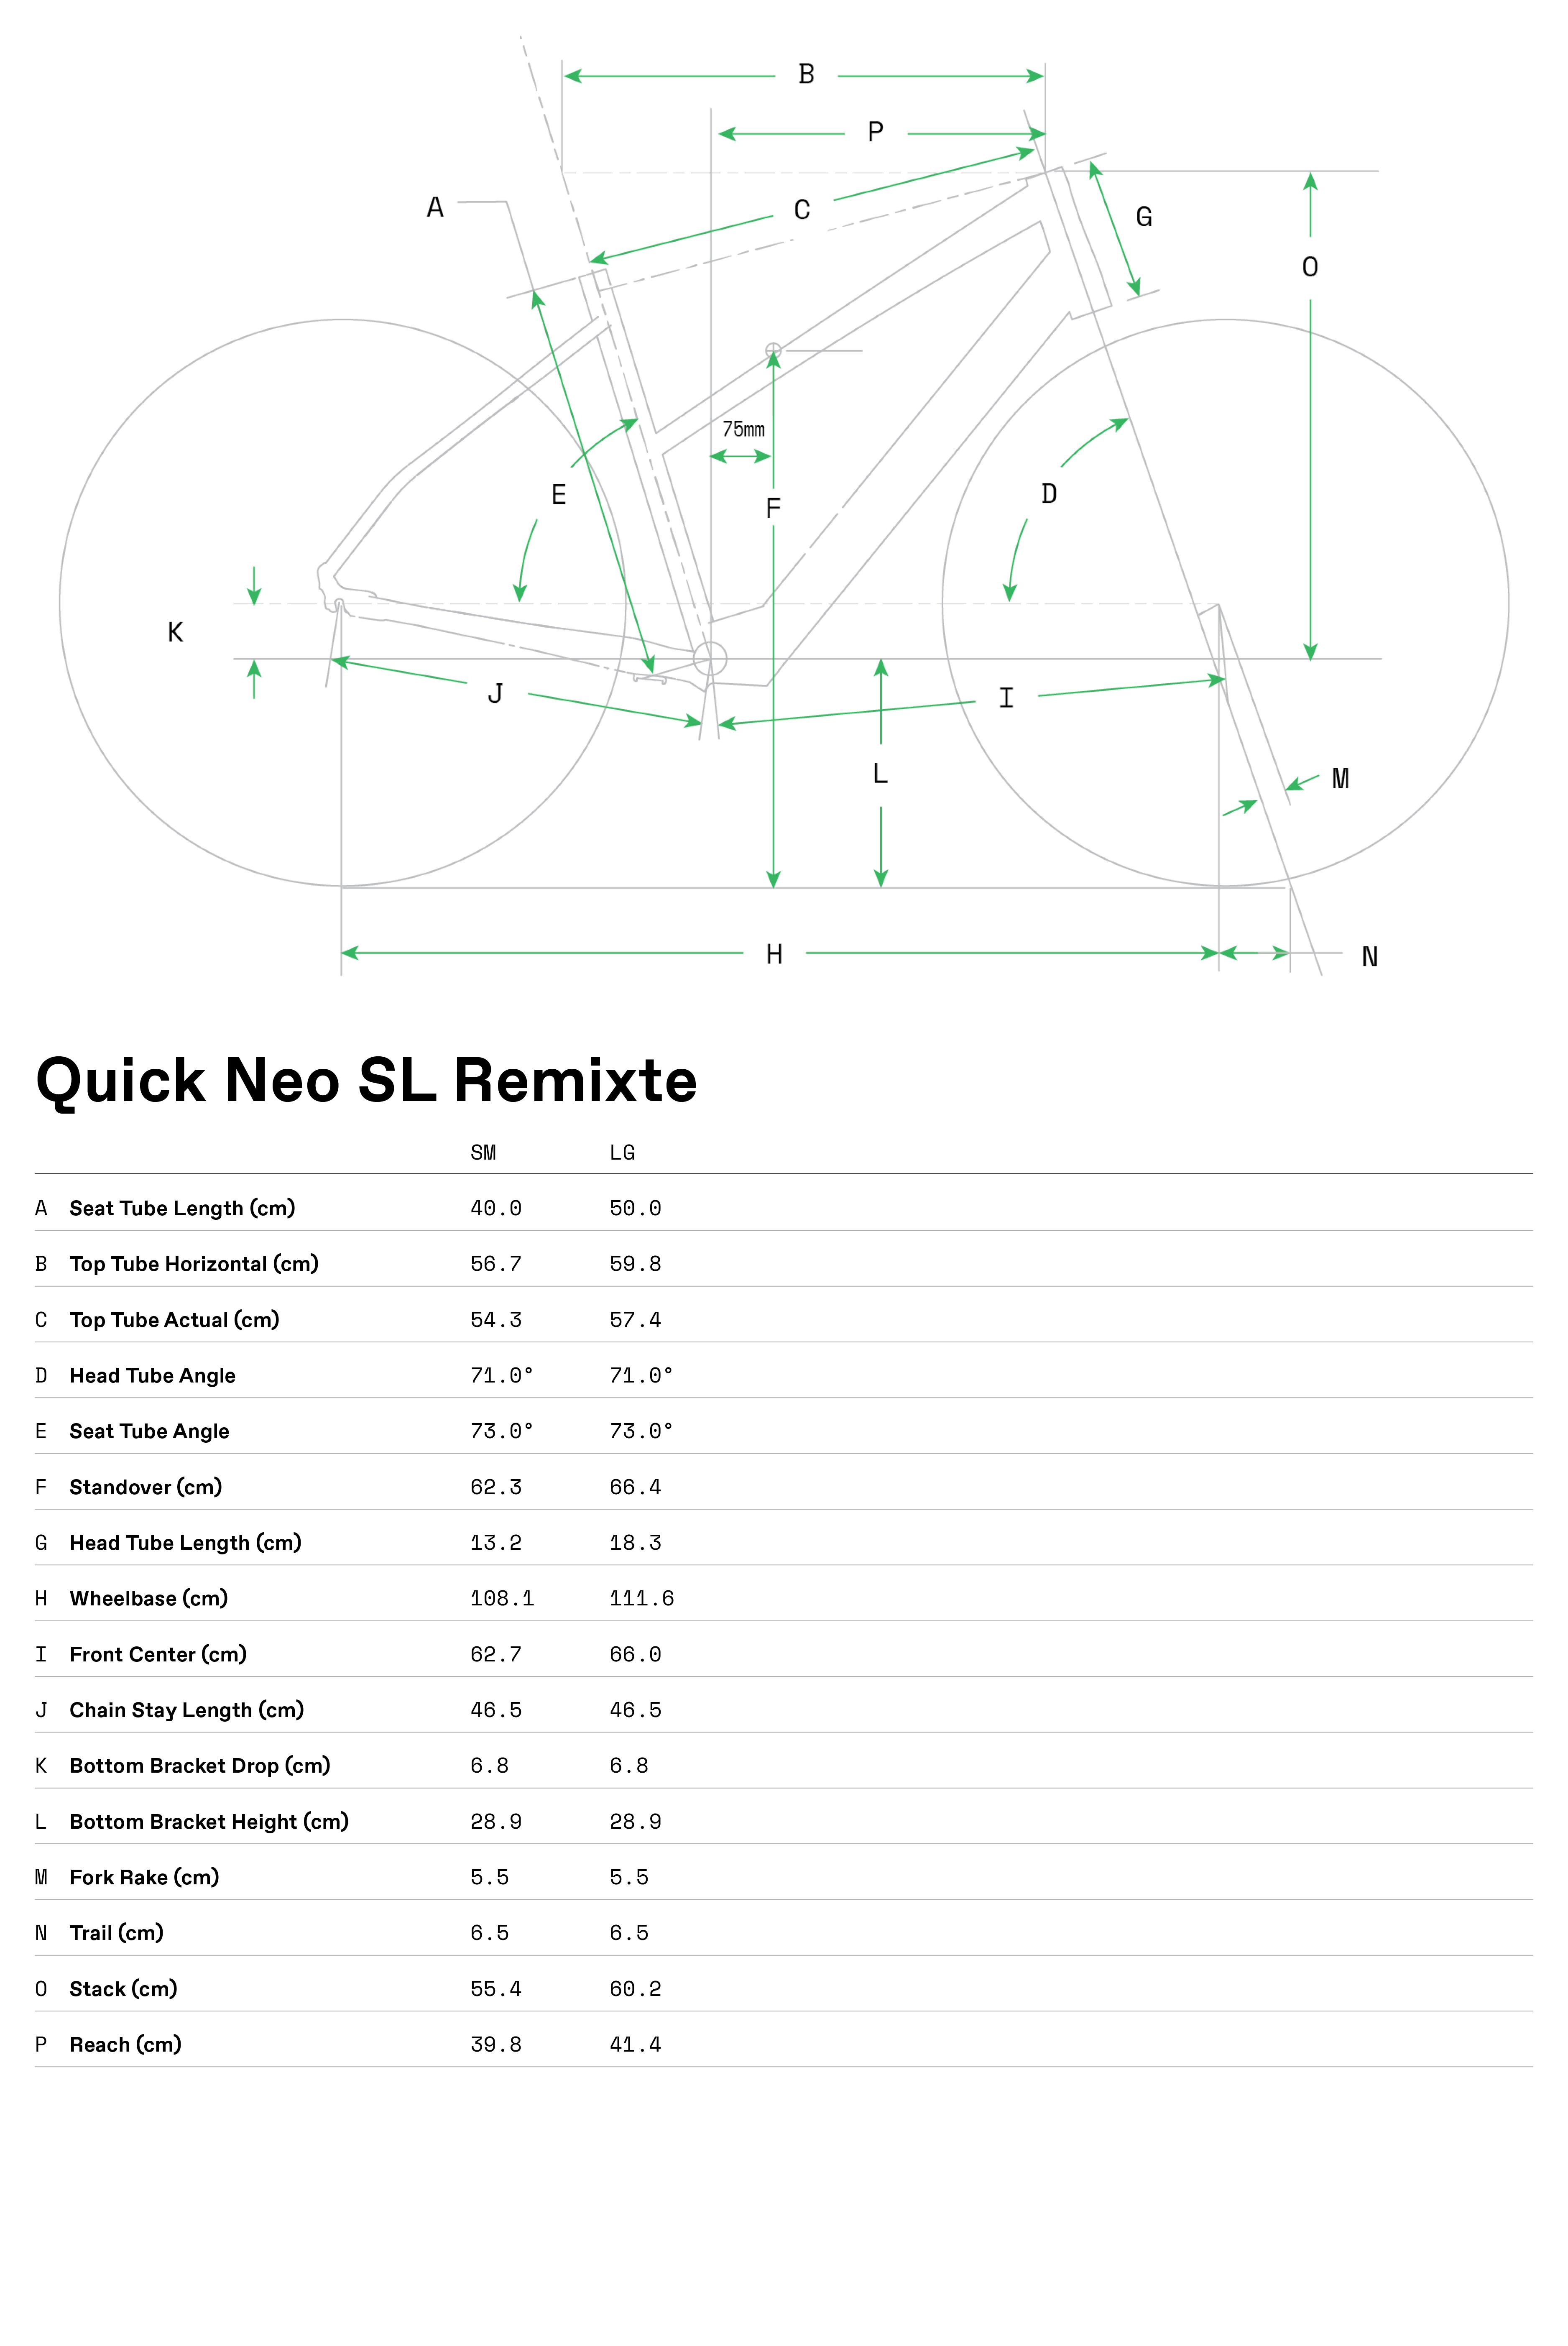 Quick Neo SL Remixte Geo